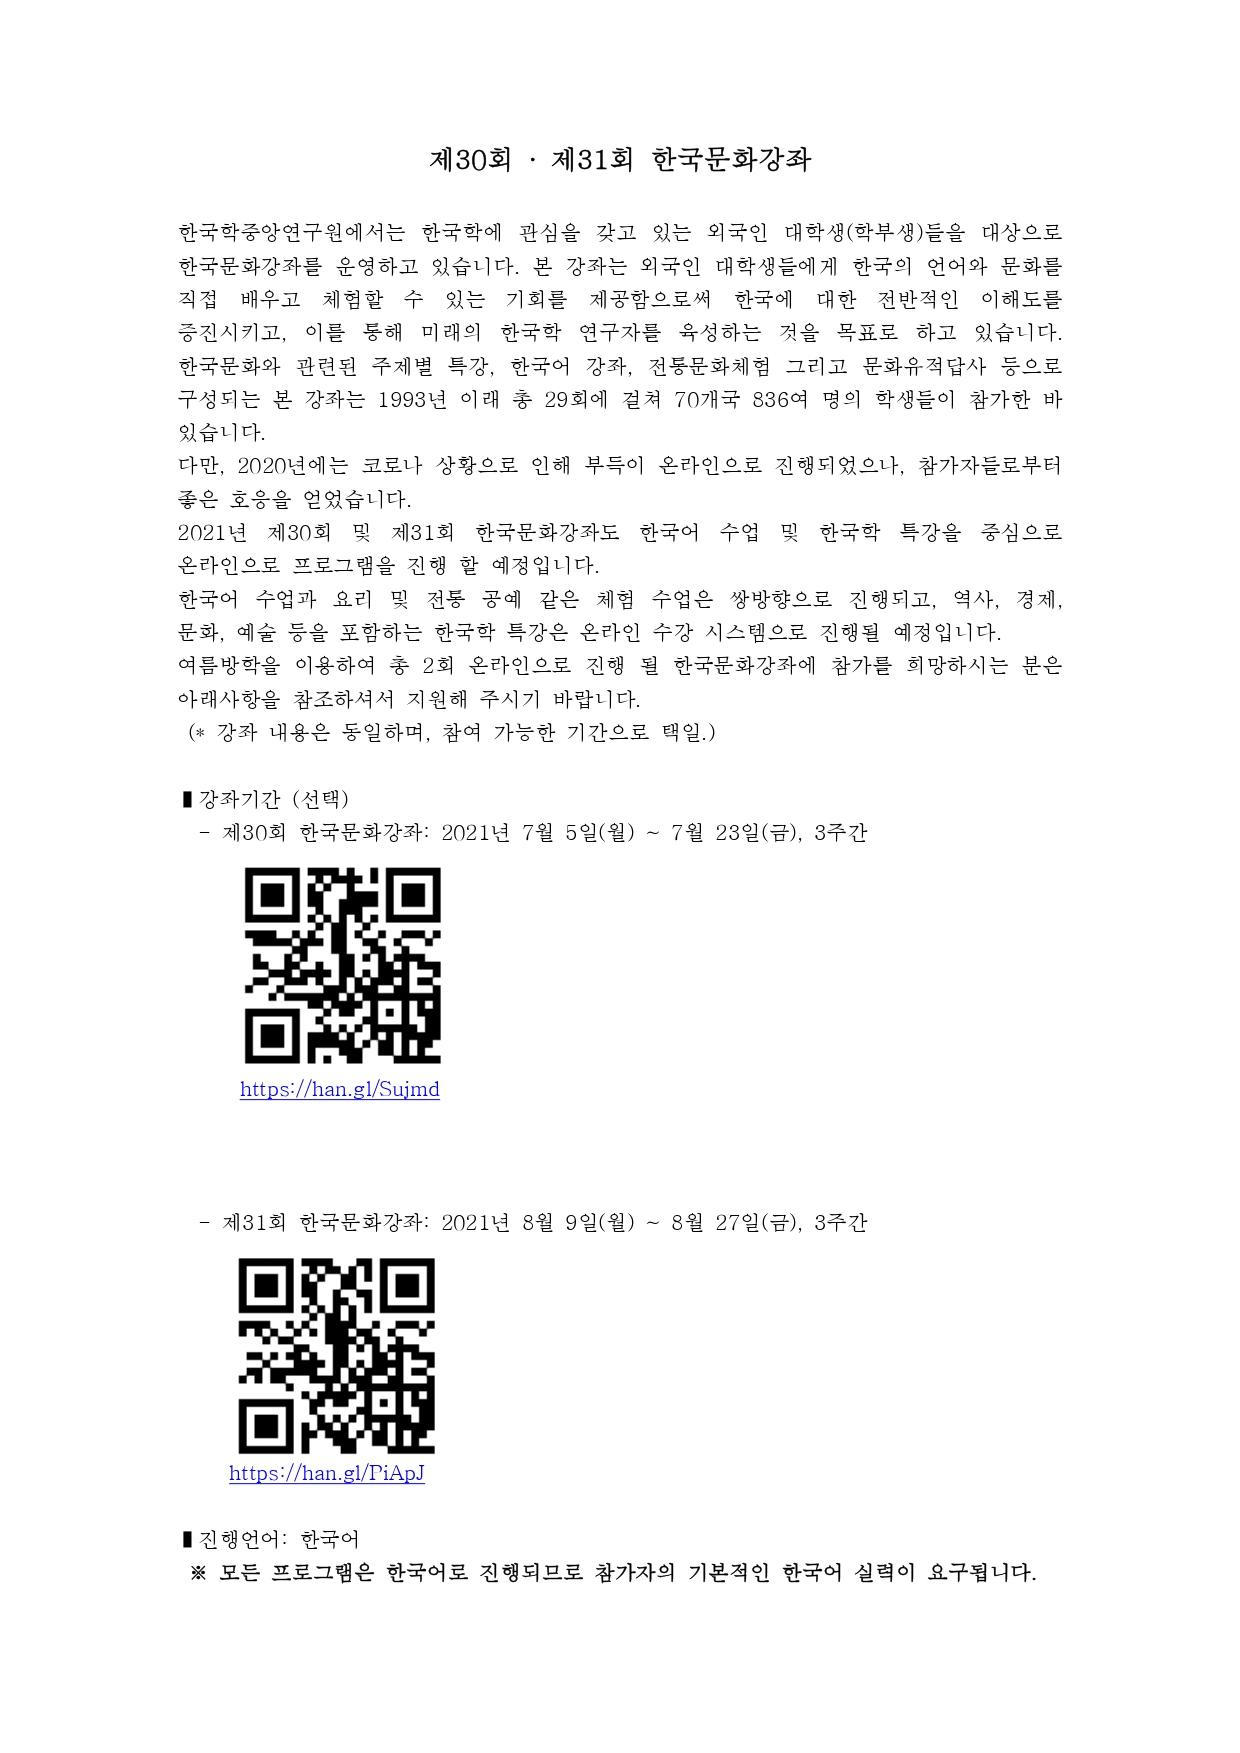 제30회, 제31회 한국문화강좌 공고문-1-2_page-0003.jpg